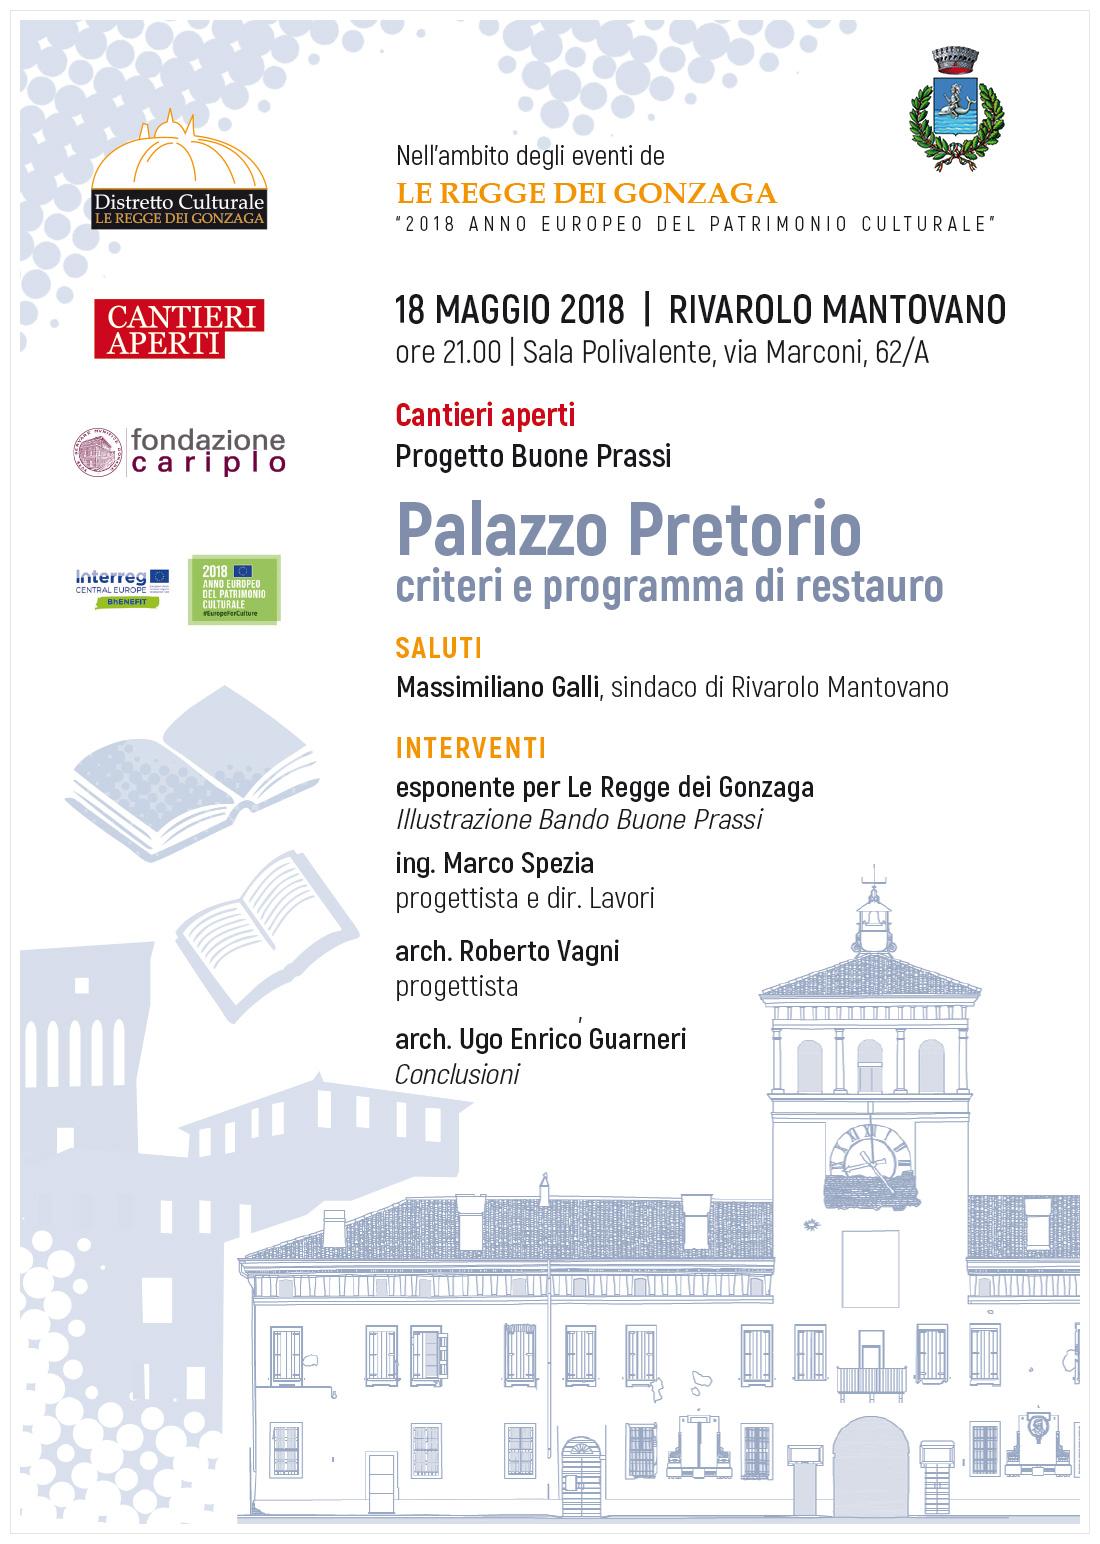 Palazzo Pretorio. Criteri e programma di restauro